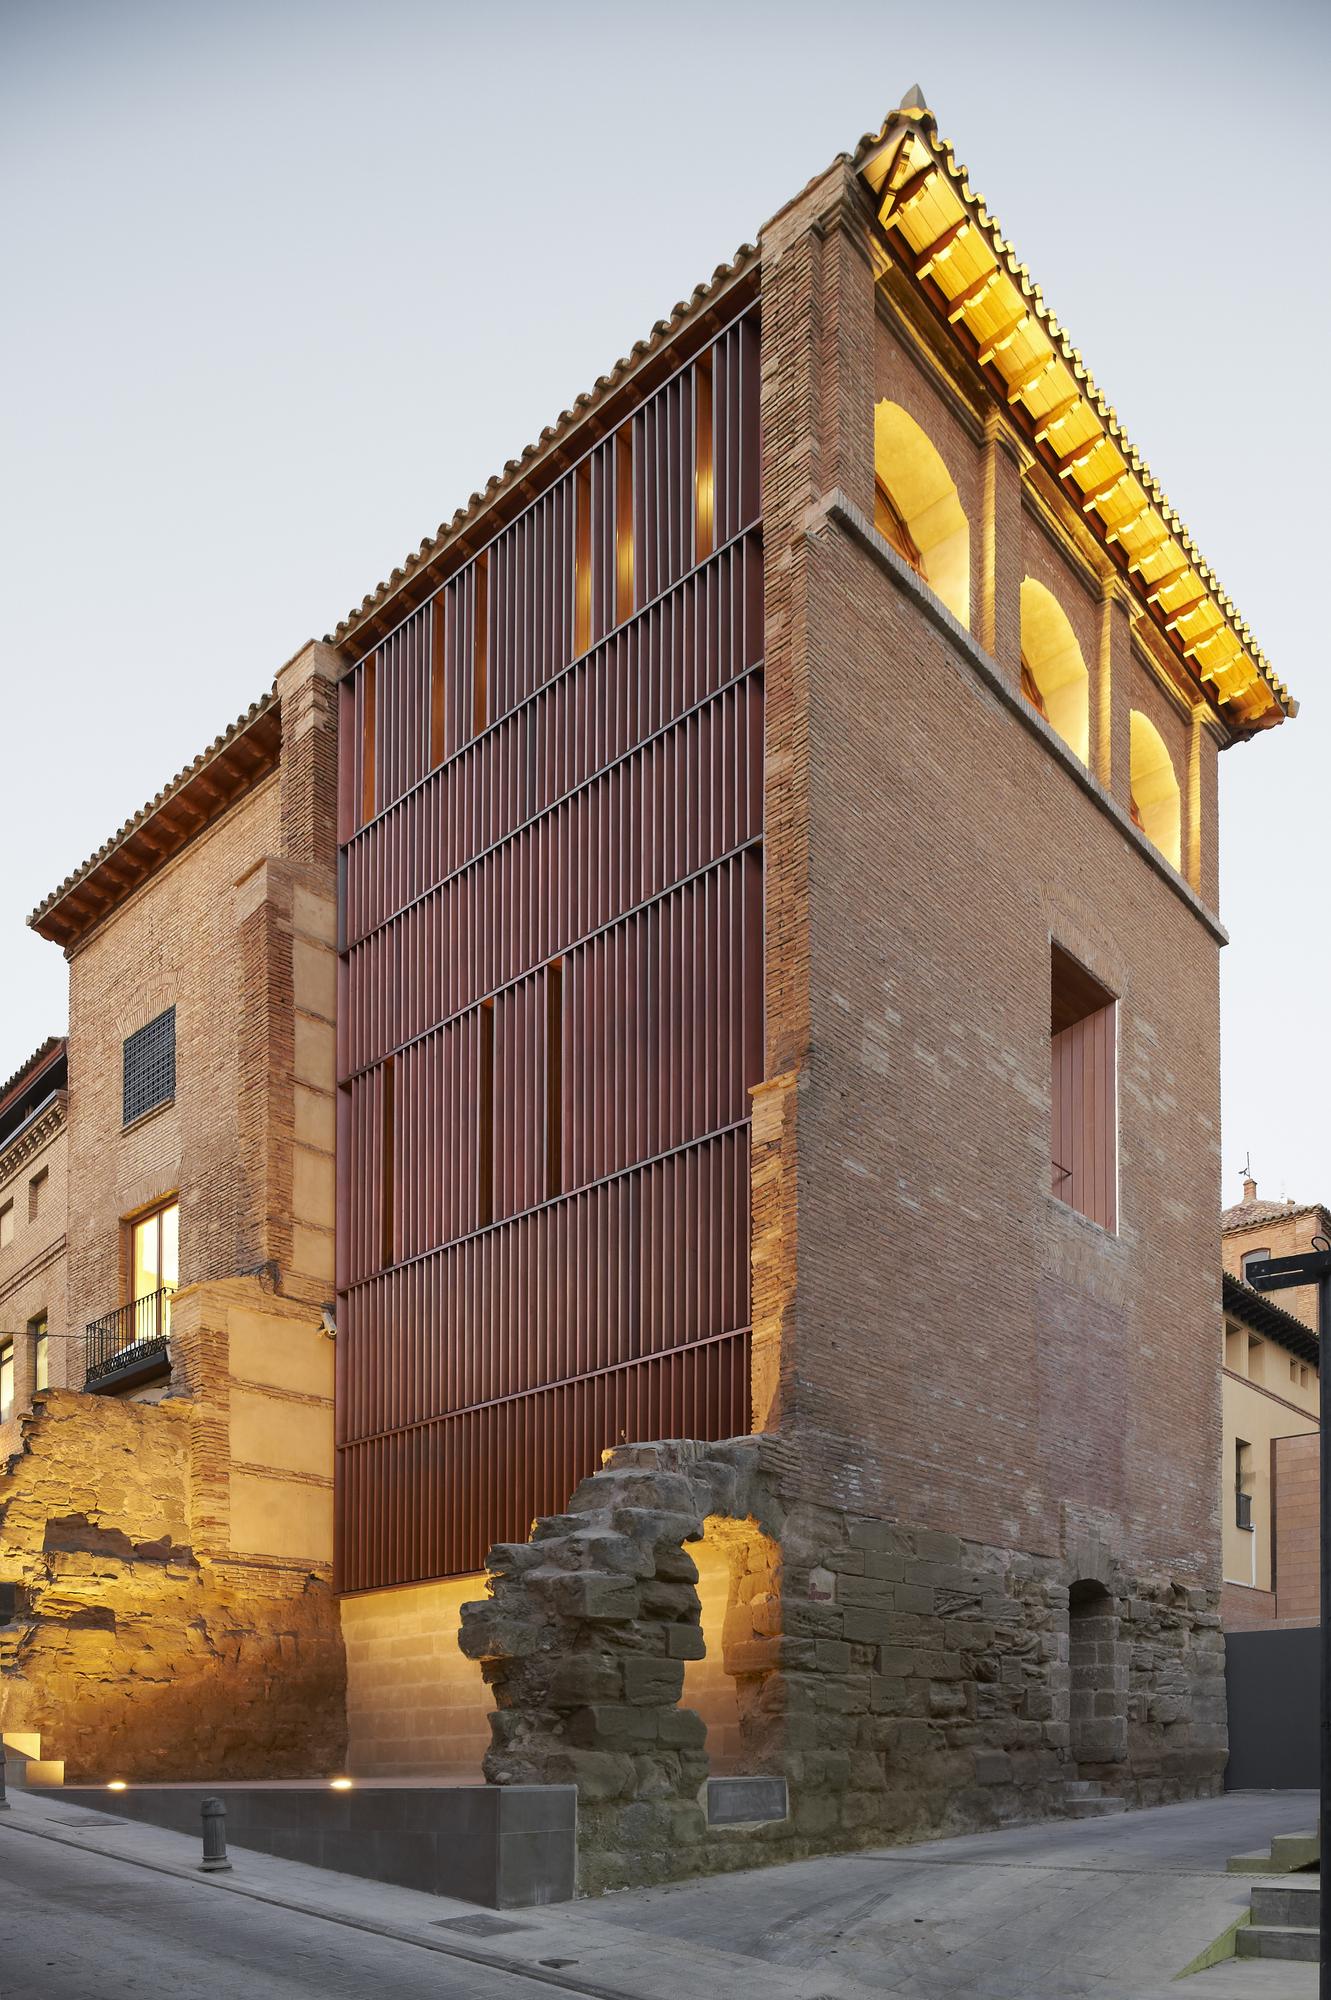 Reabilitação do Arquivo Histórico de Huesca / ACXT, © Iñaki Bergera